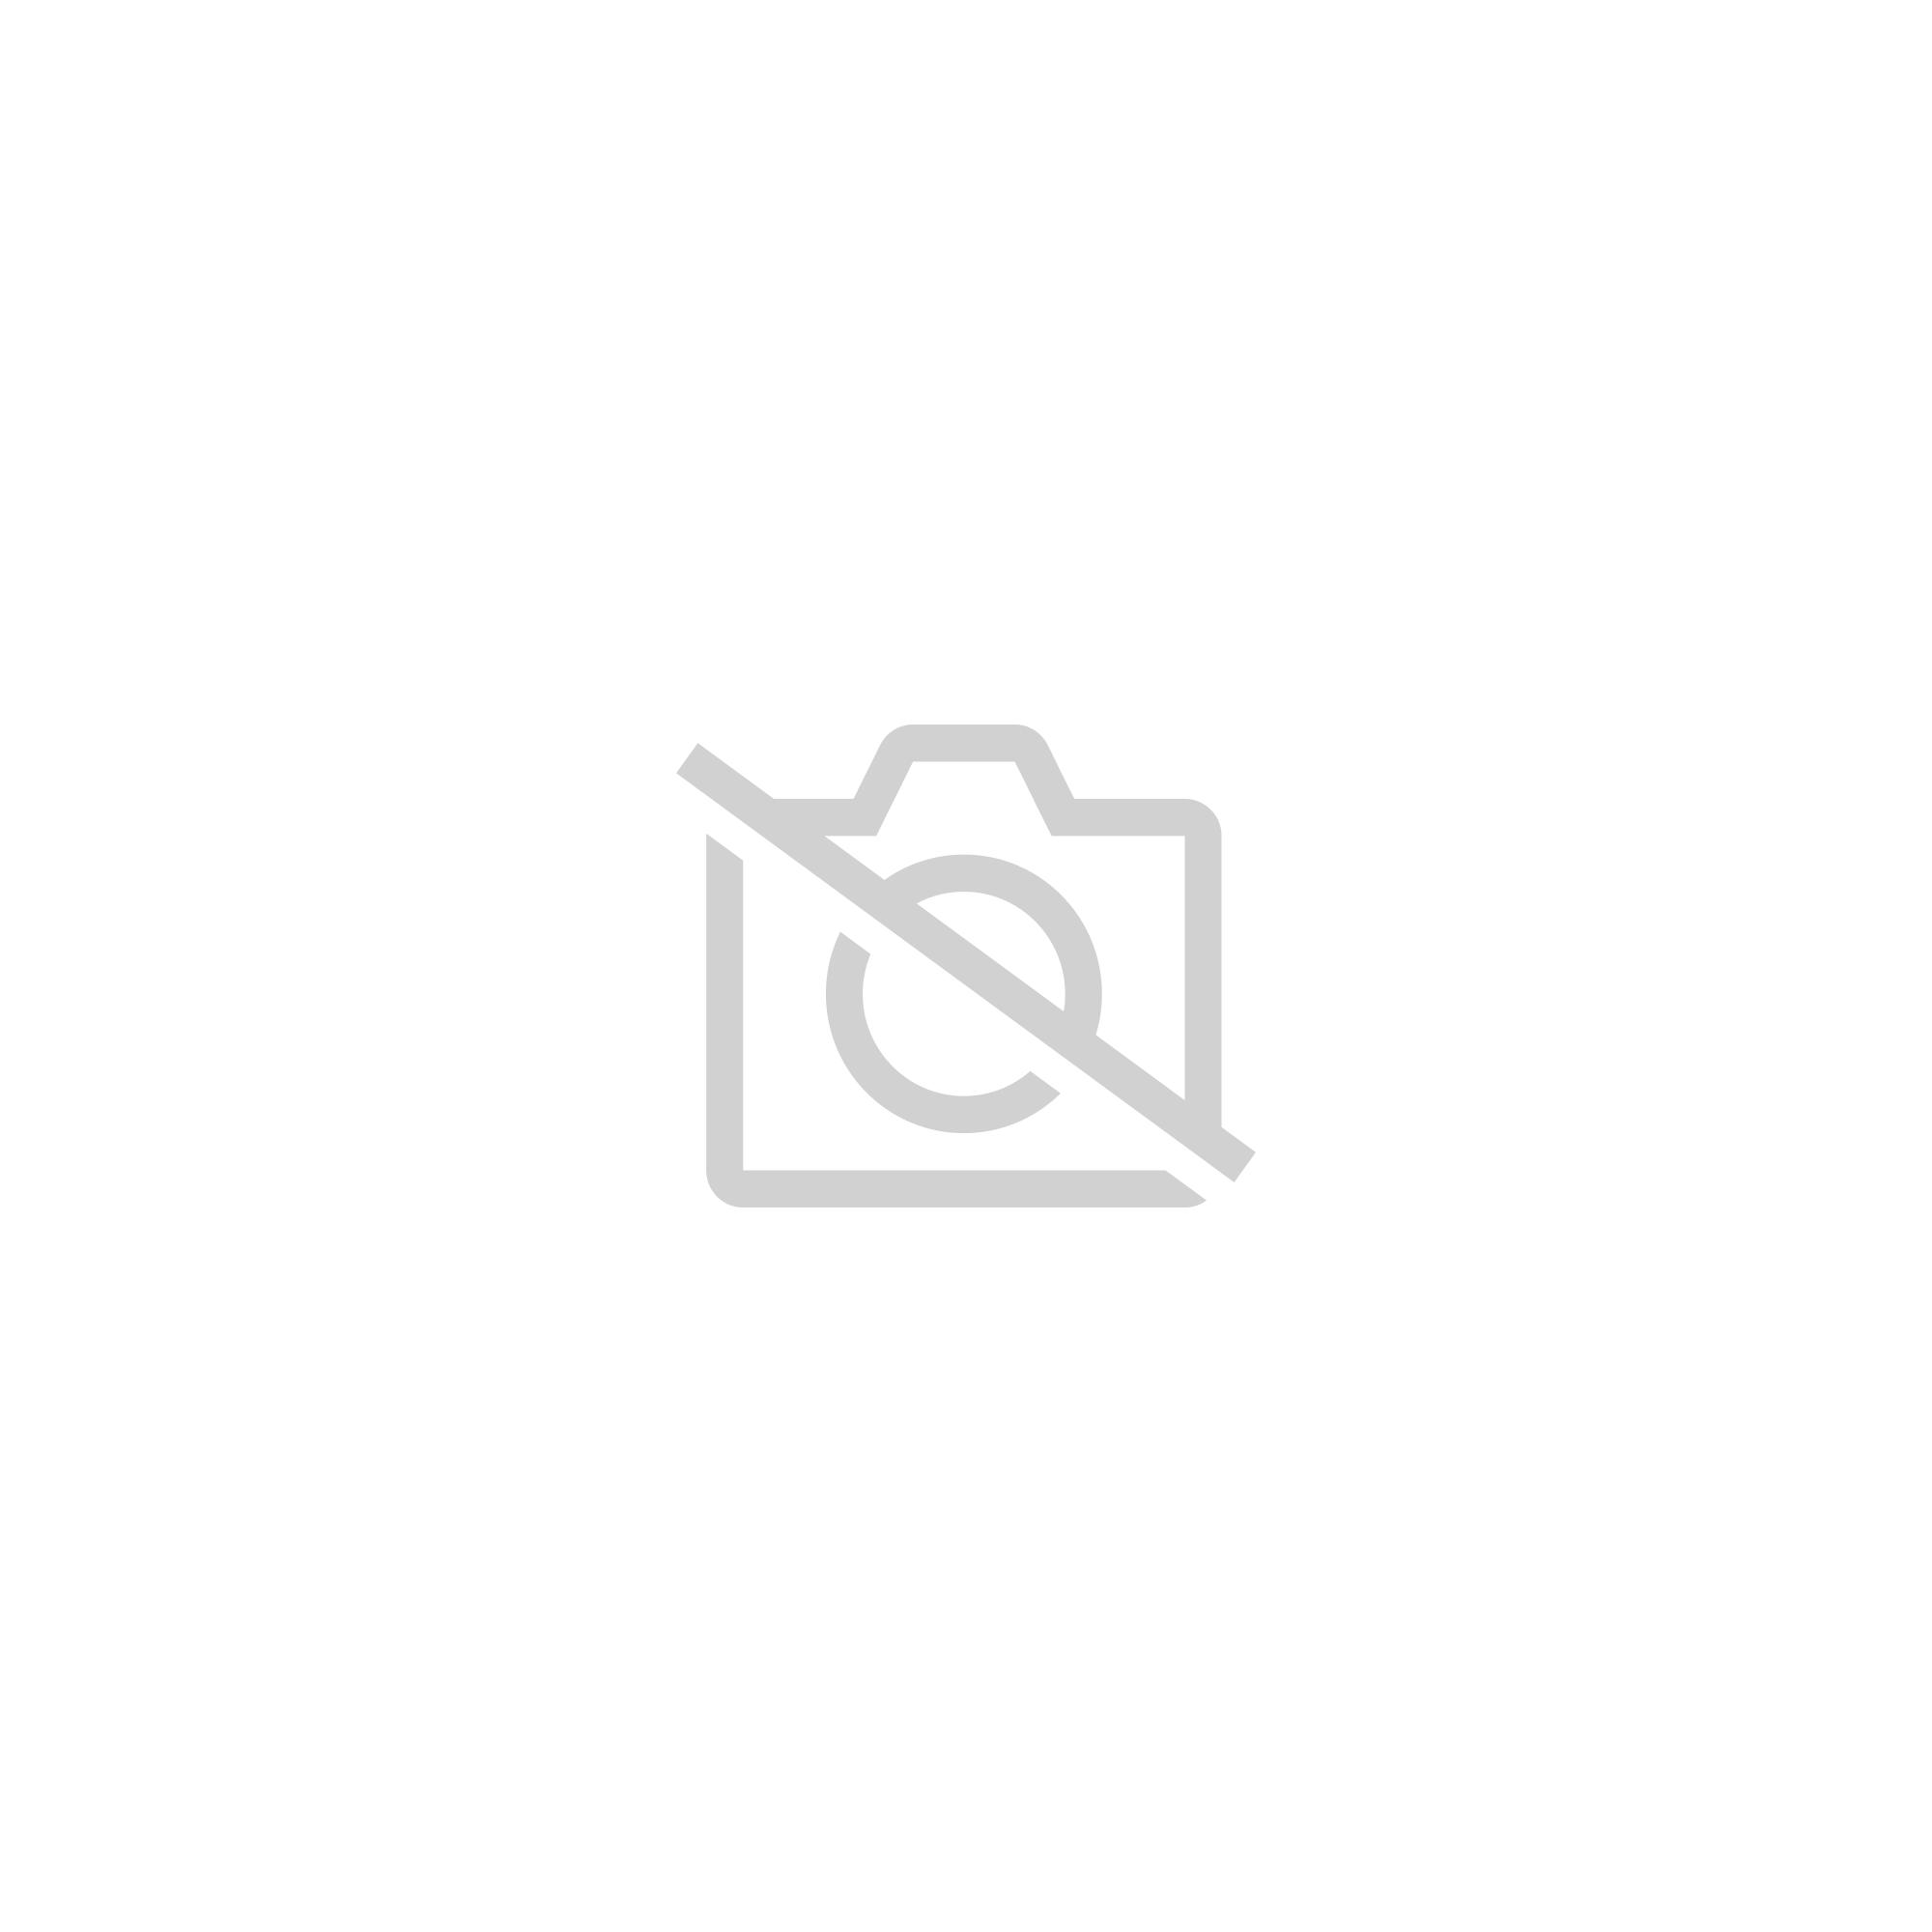 Asus Zenfone 2 Ze550ml/ Ze551ml/ Zenfone 2 Deluxe Ze551ml: Coque Etui Housse Pochette Plastique View Case - Noir